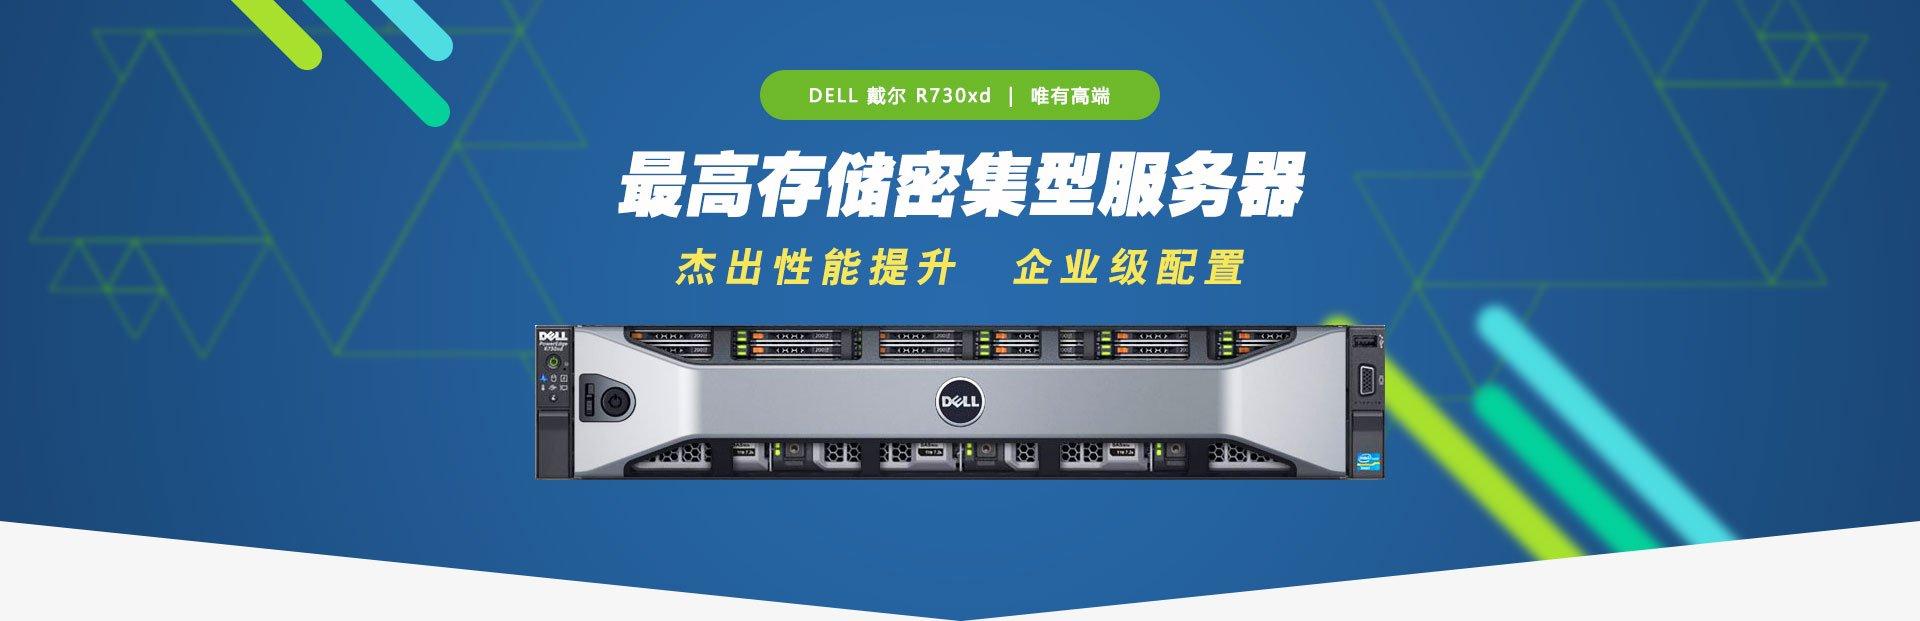 Dell戴尔 R730xd 服务器 唯有高端 最高存储密集型服务器,杰出性能提升,企业级配置